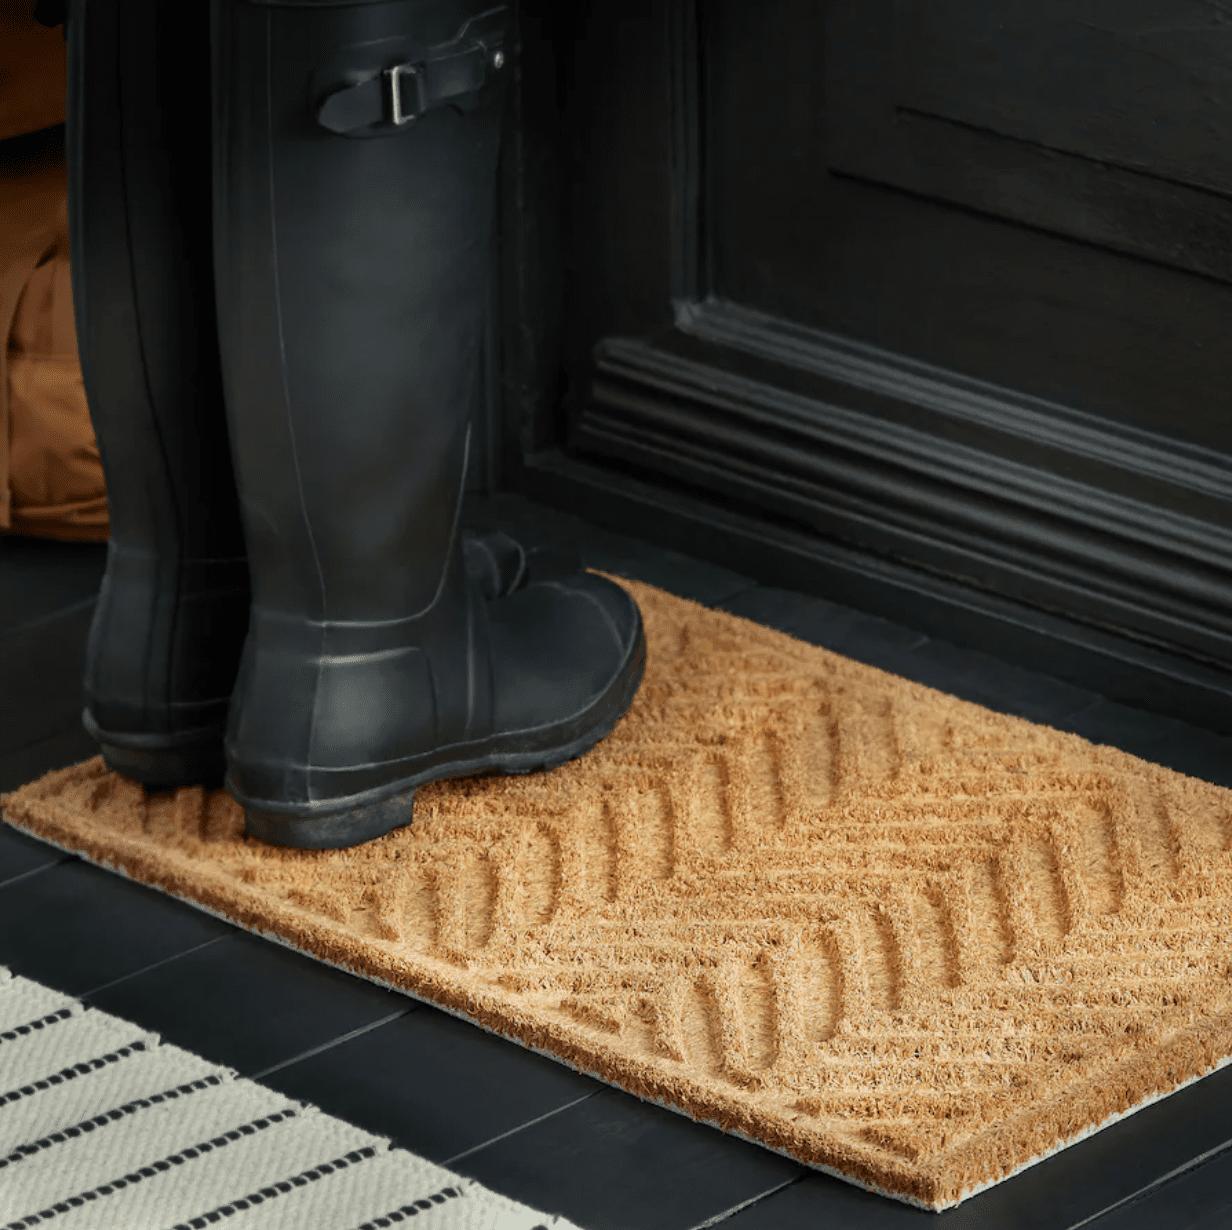 A textured welcome mat